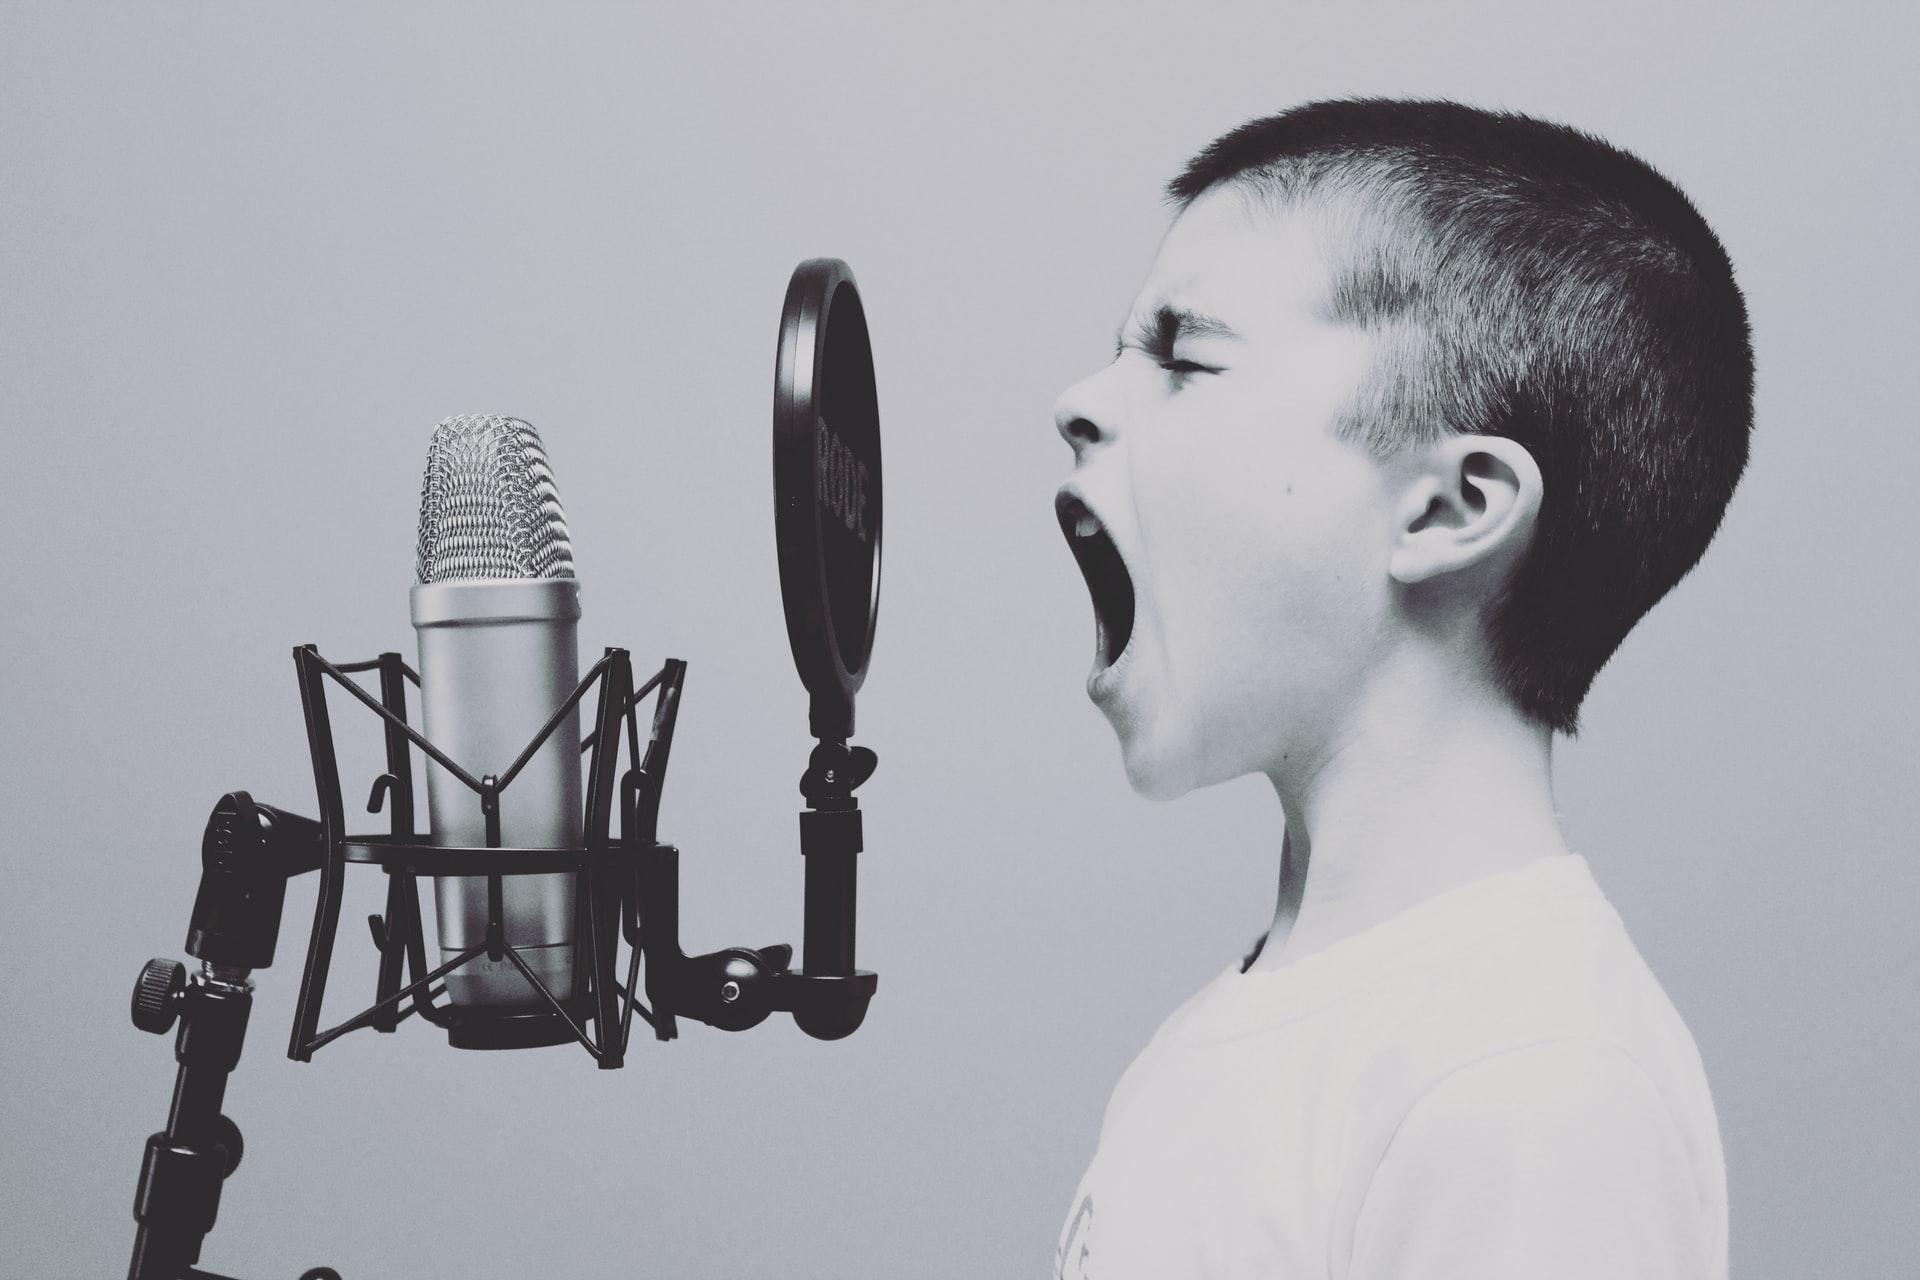 【聞く力】人は他人の話なんか長くは聞けない|結論から話そう!